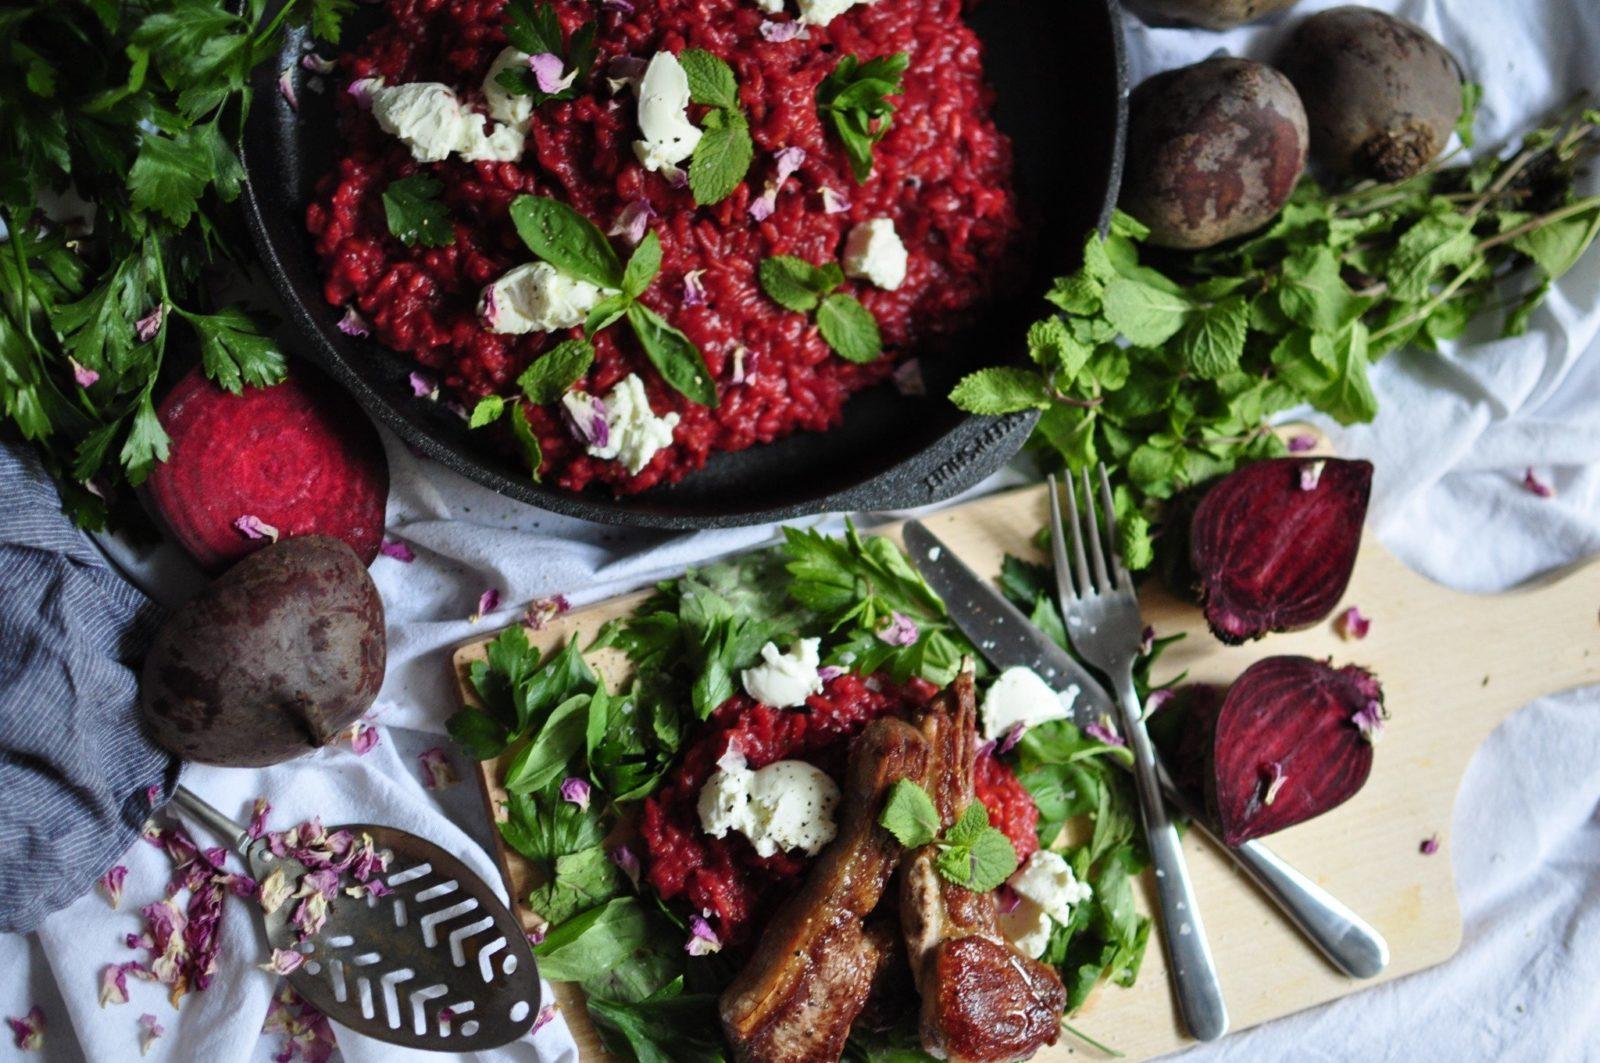 Rote Rüben RIsotto mit Ziegenfrischkäse, Lamm und Kräuter